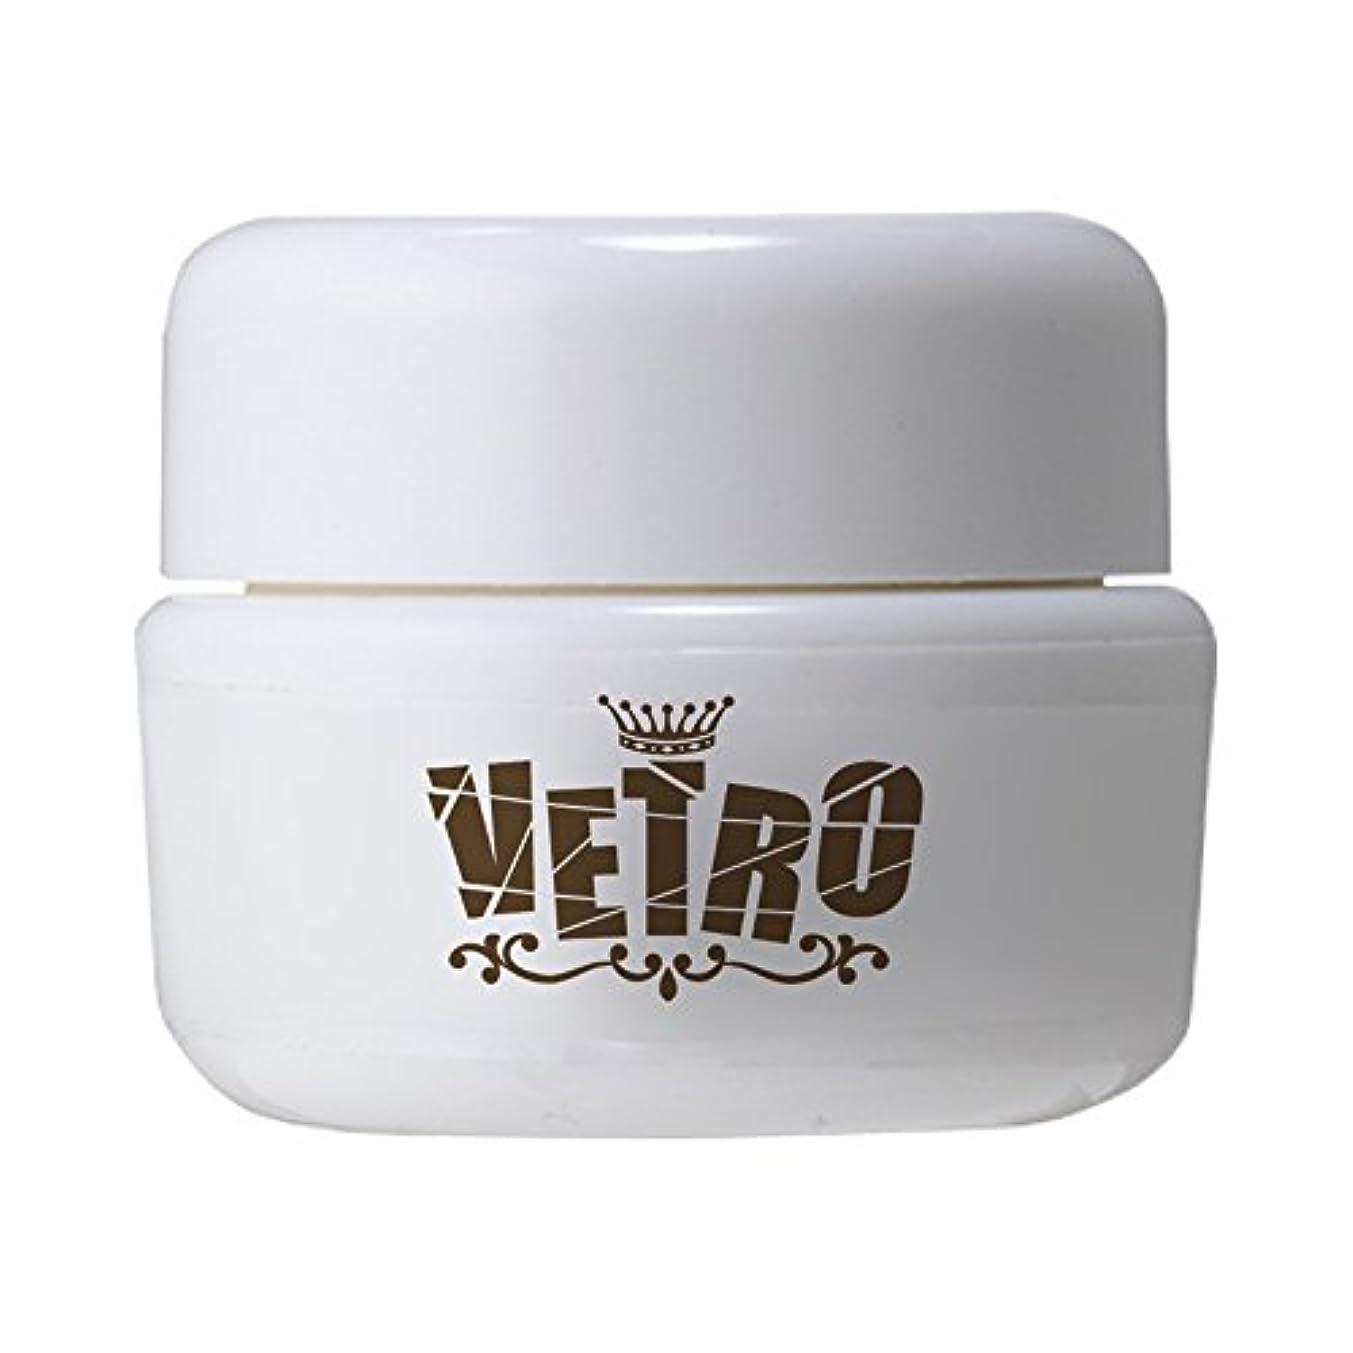 VETRO No.19 カラージェル マット VL035 シャロンブルー 4ml